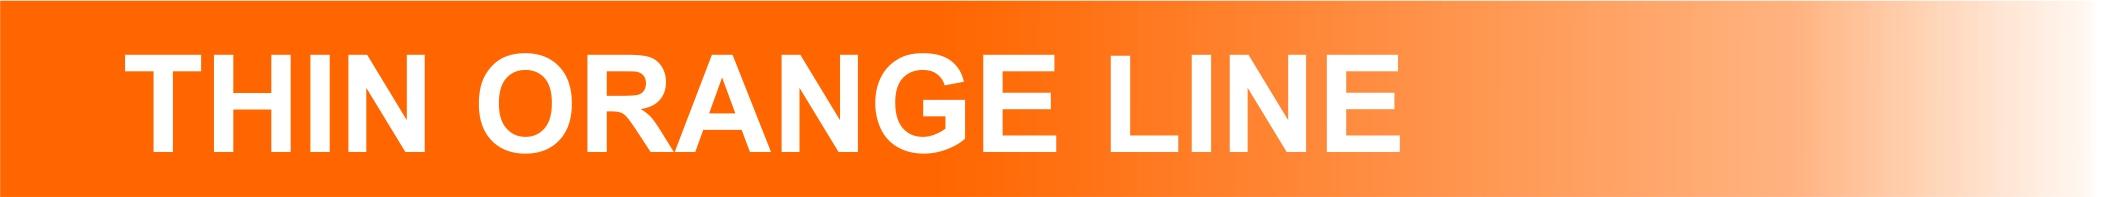 thin-orange-line.jpg